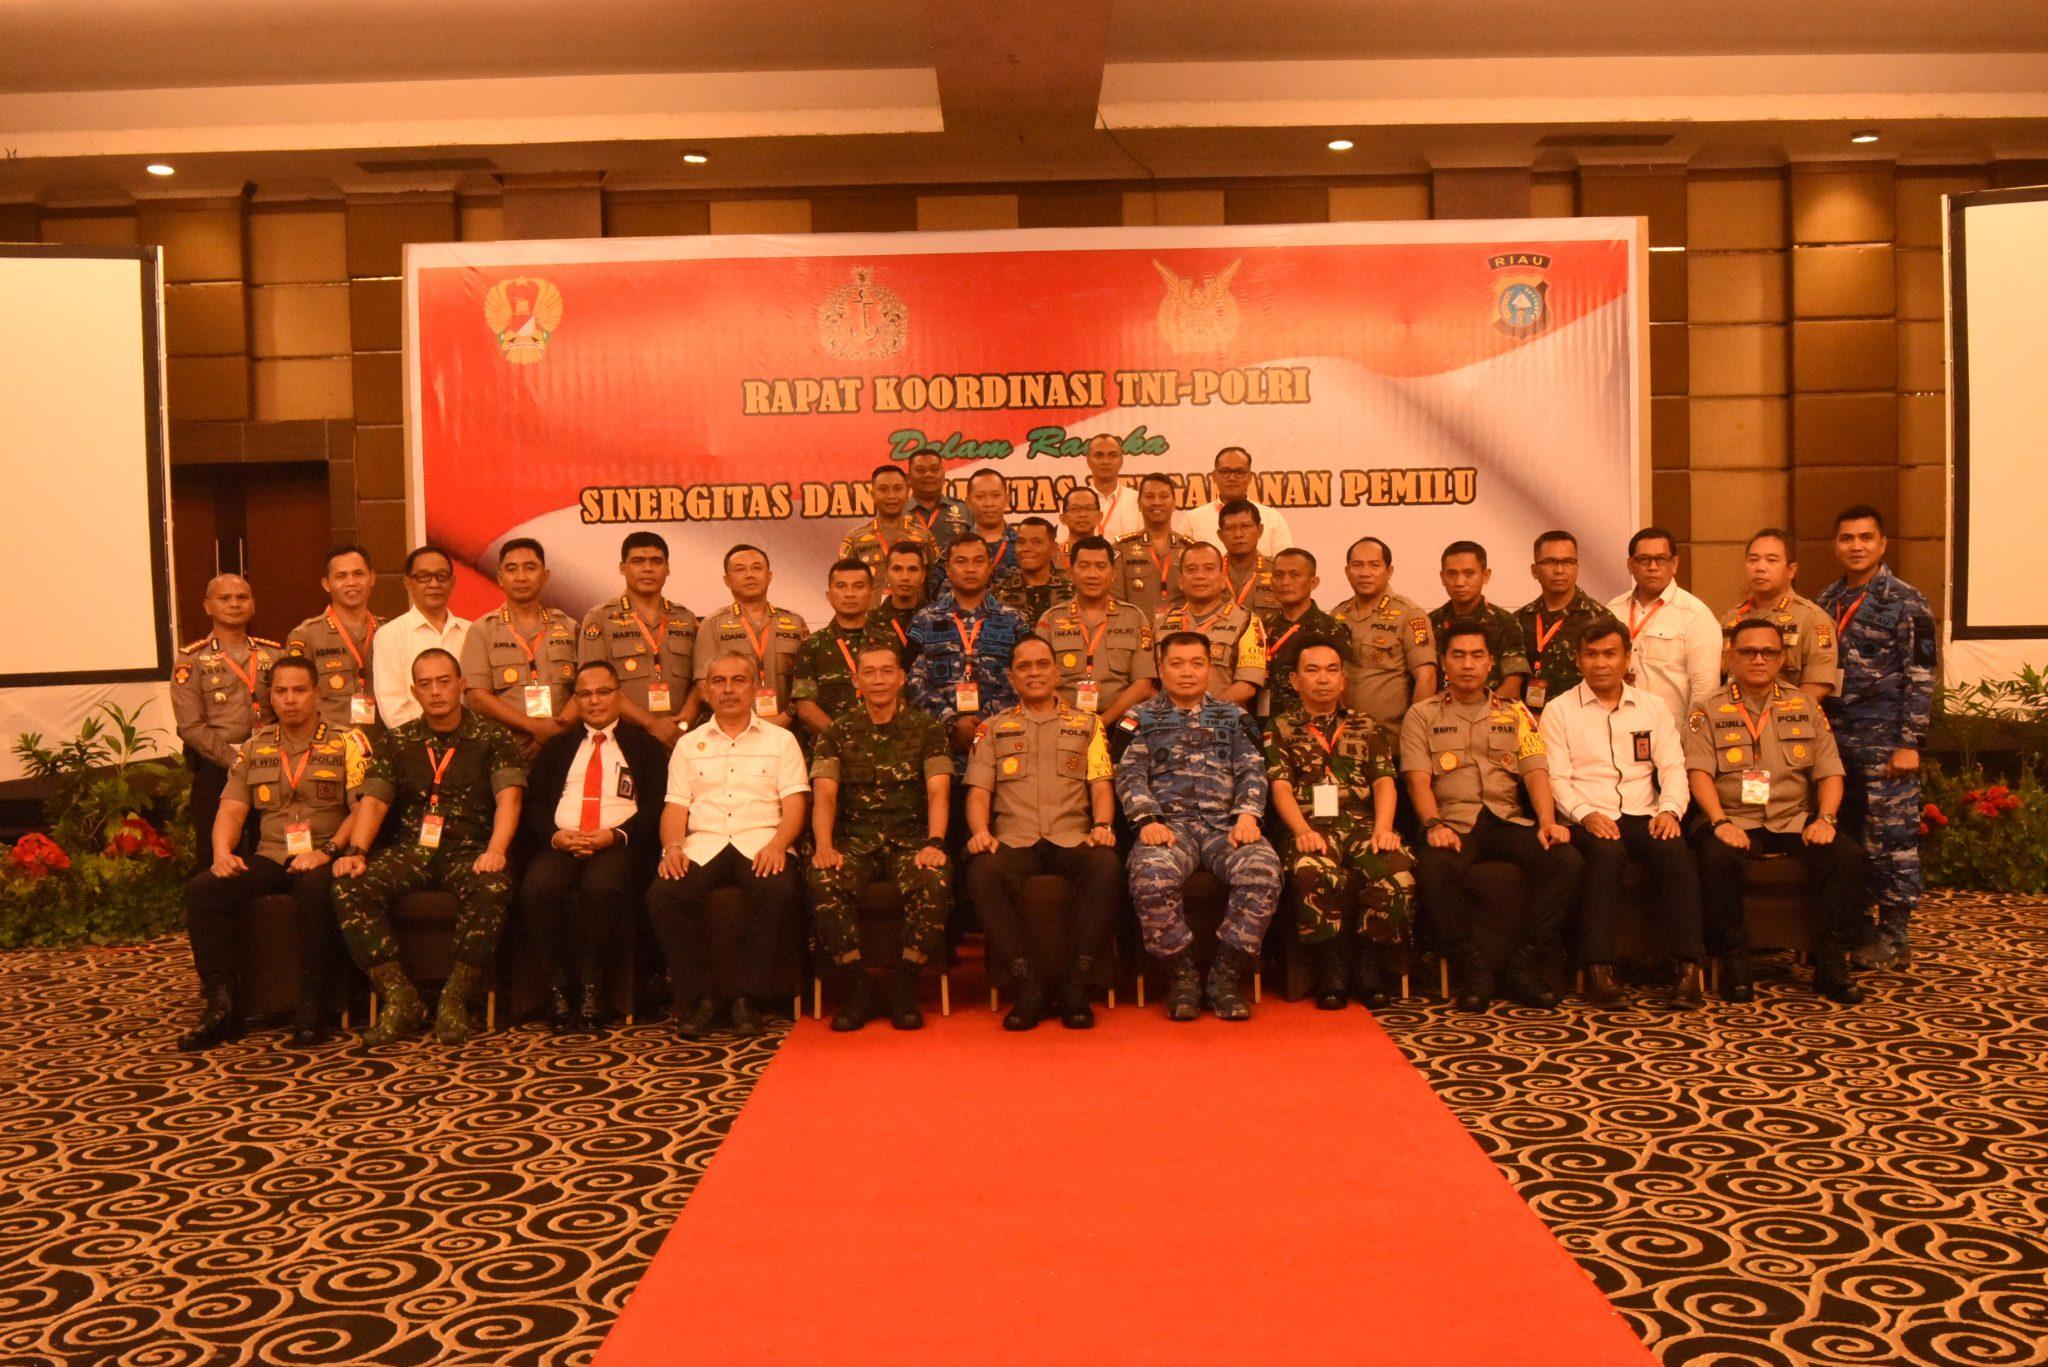 Danlanud Rsn Hadiri Rapat Koordinasi TNI-Polri dalam Rangka Pam Pemilu 2019